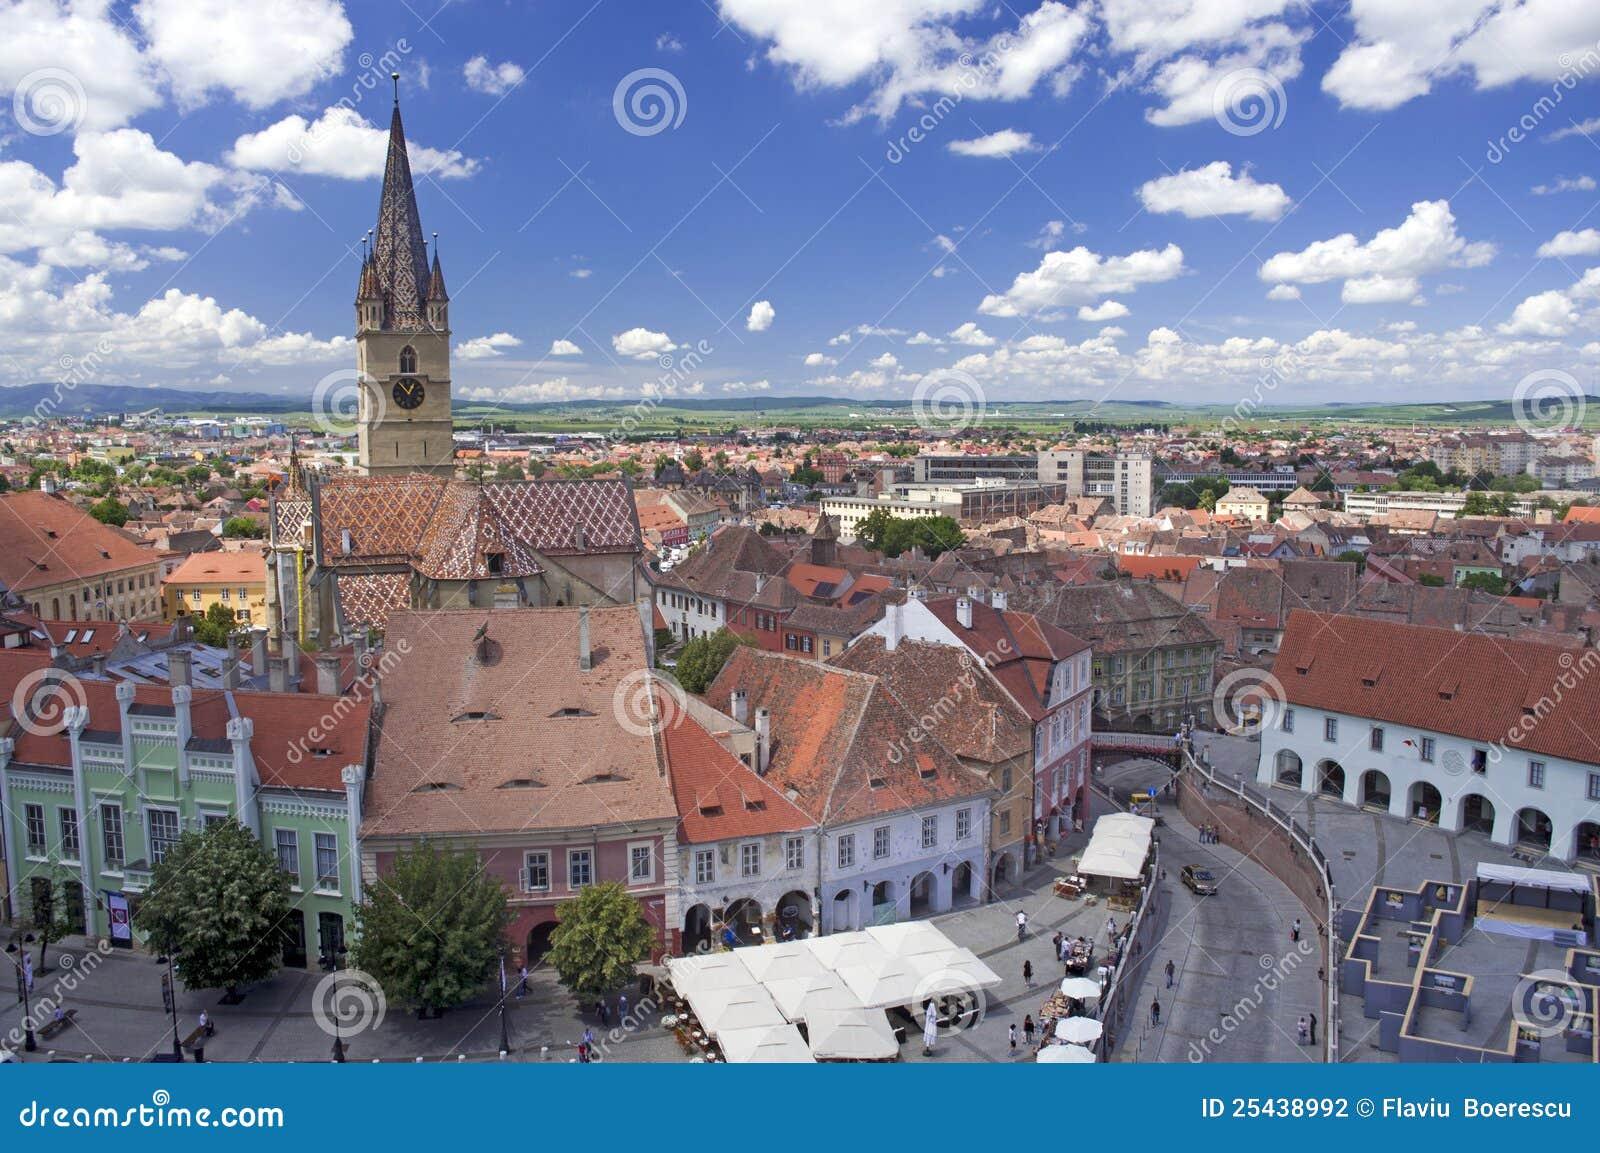 Historical arhitecture in Sibiu Transylvania Romania lutheran ...